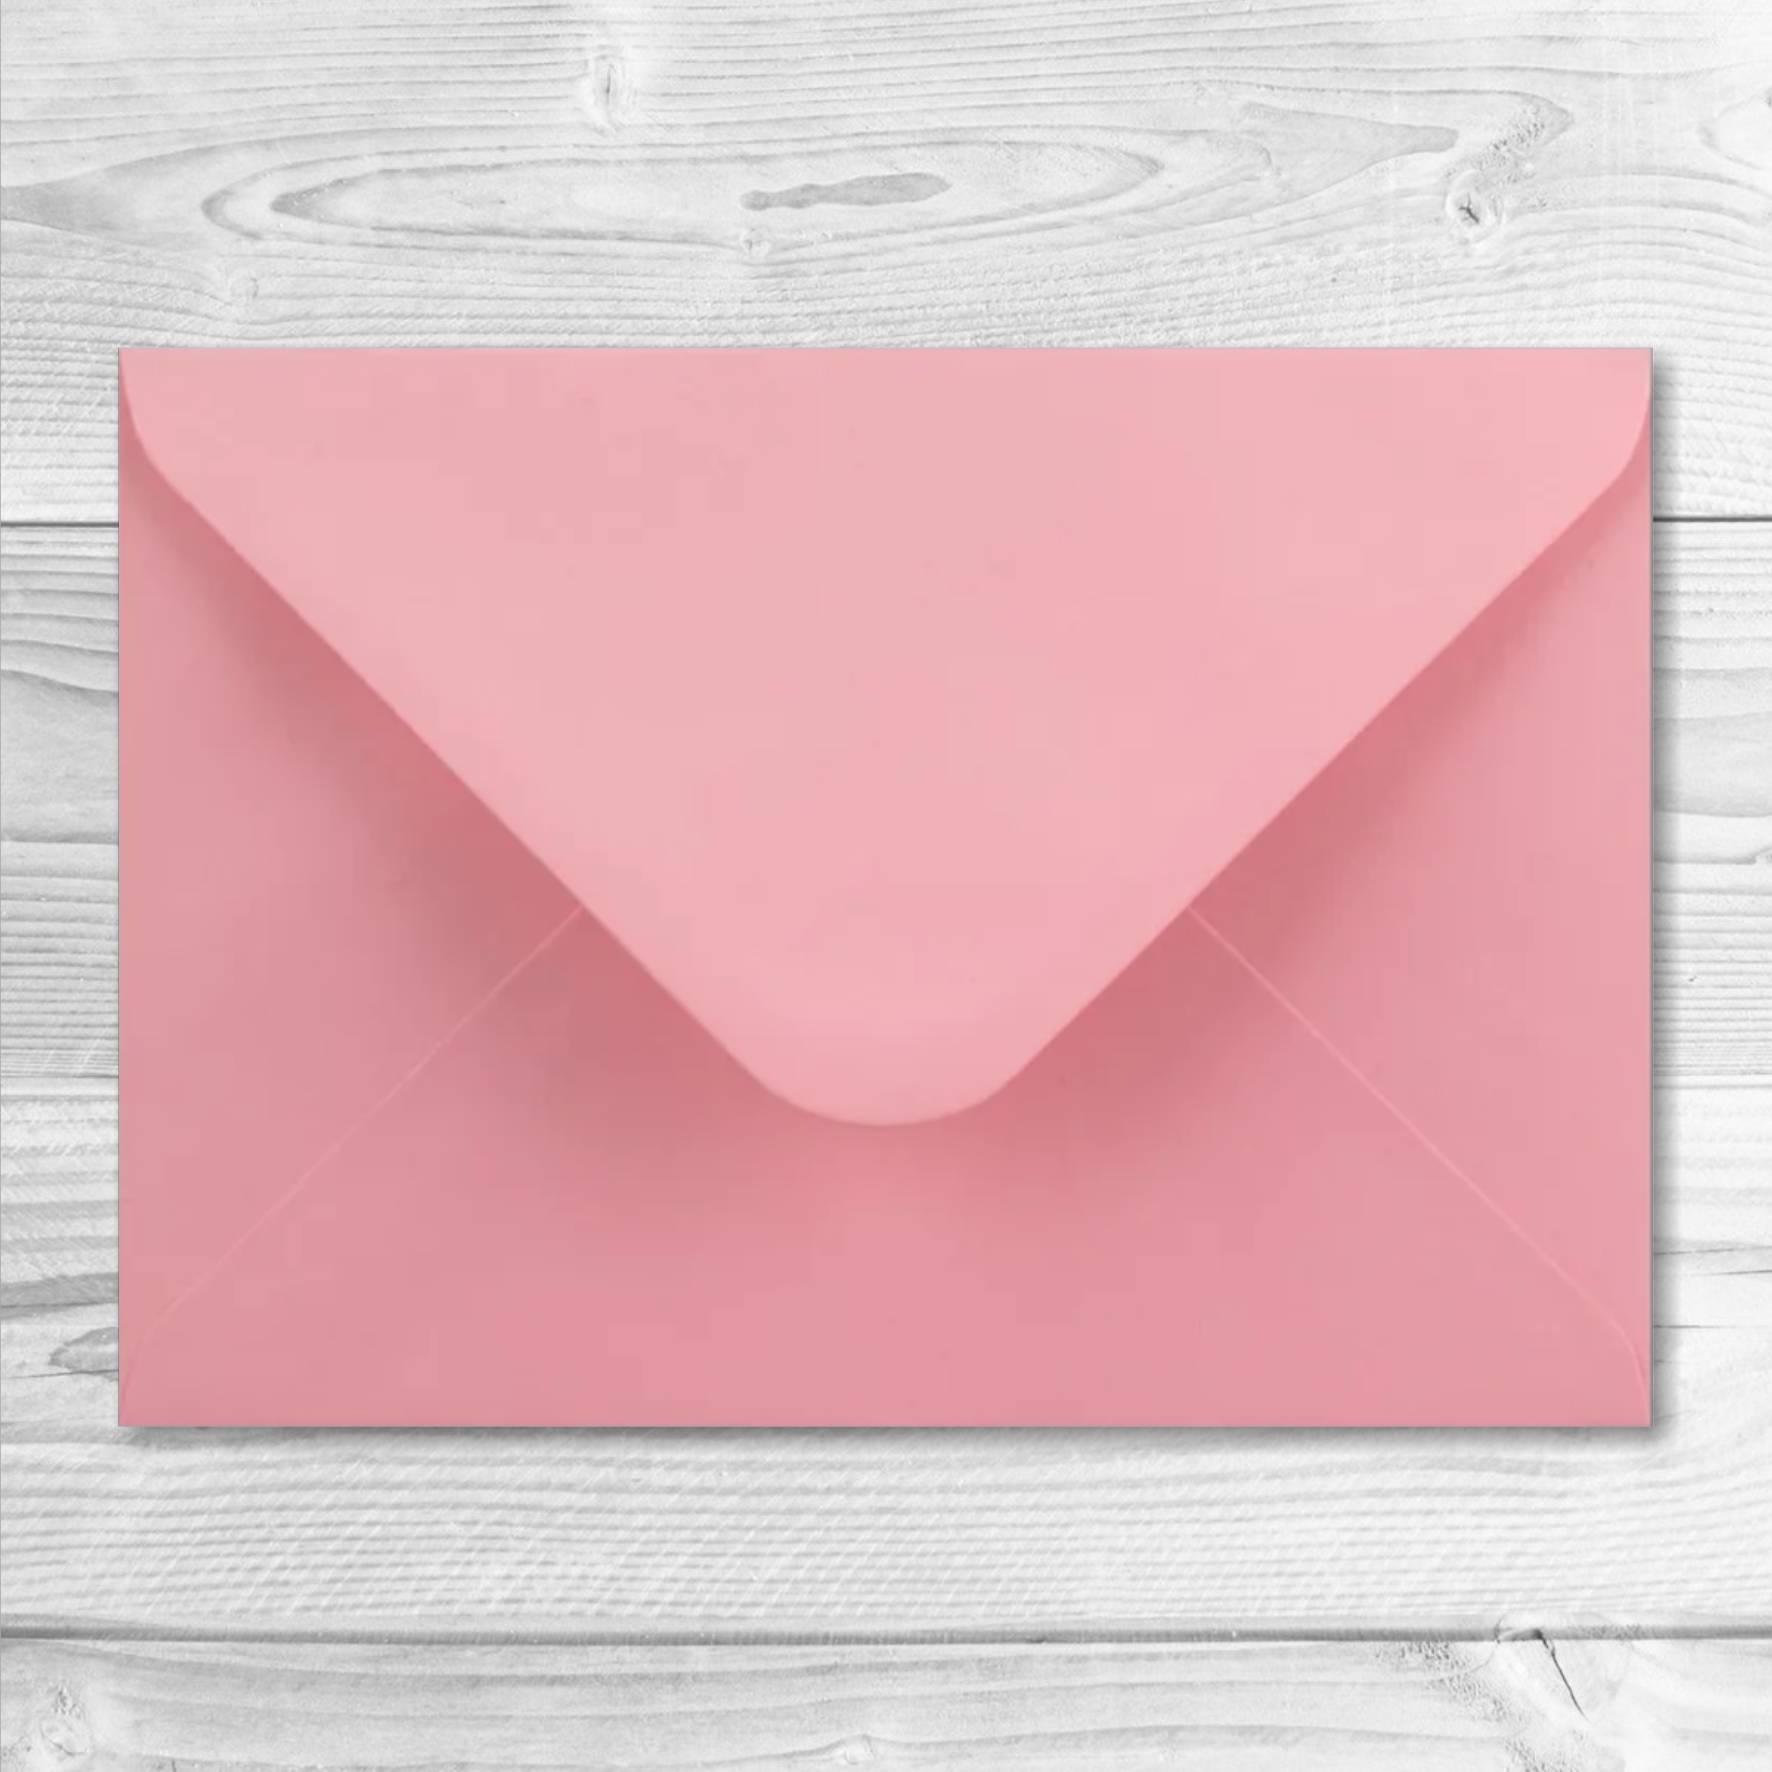 enveloppe rose clair 13 x 19 cm